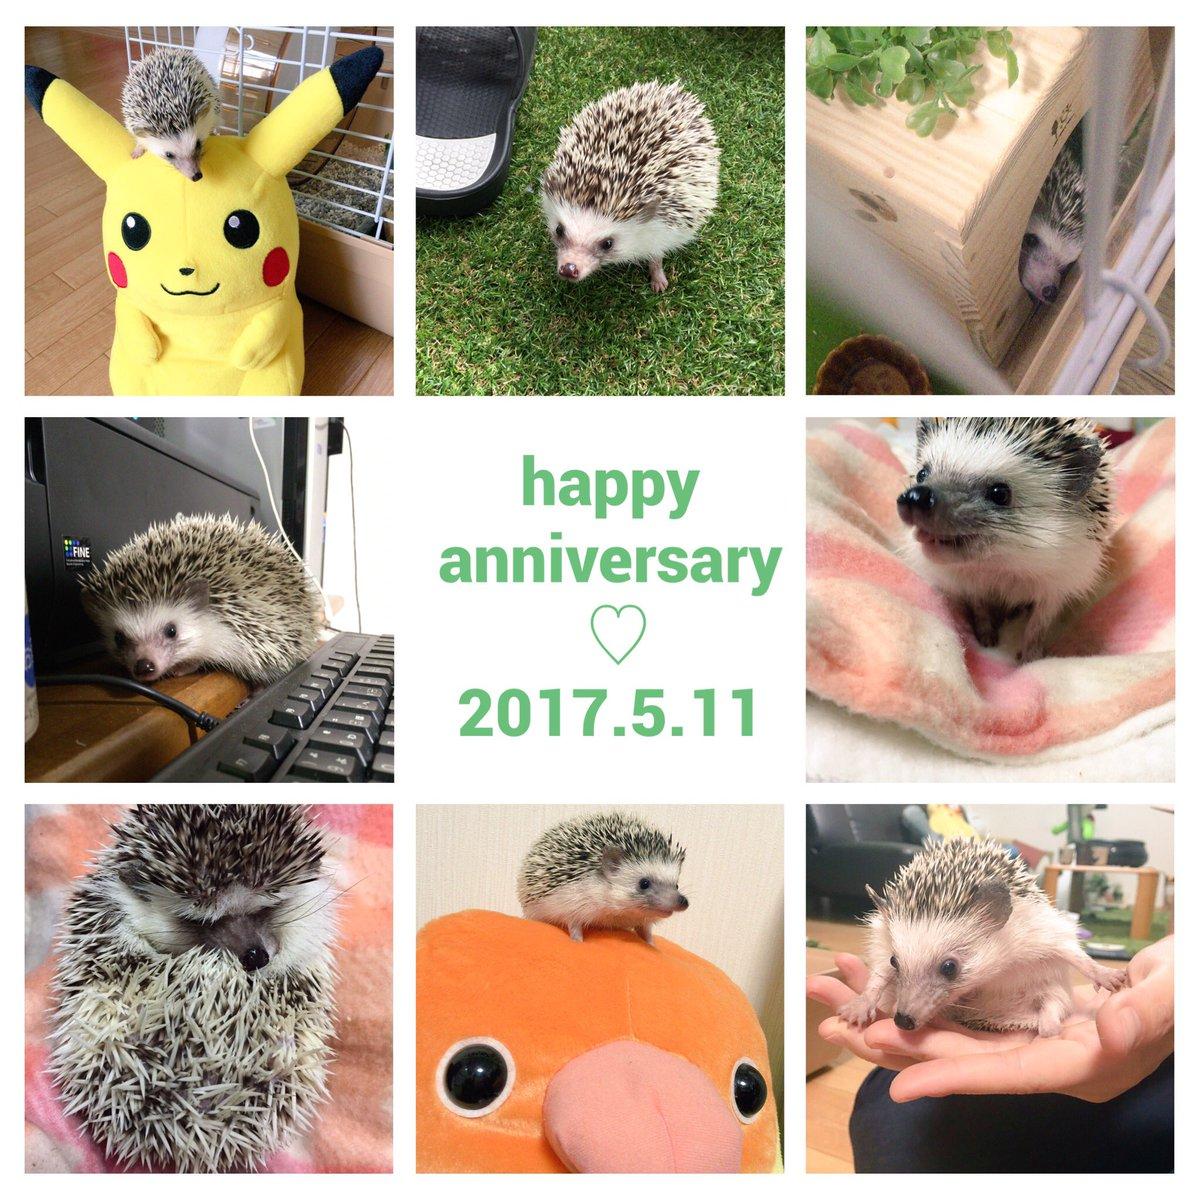 松太郎が我が家に来て、早いものでもう1年が経ちました。1年間、毎日癒されて本当に幸せいっぱいでした。相変わらず可愛いハリ